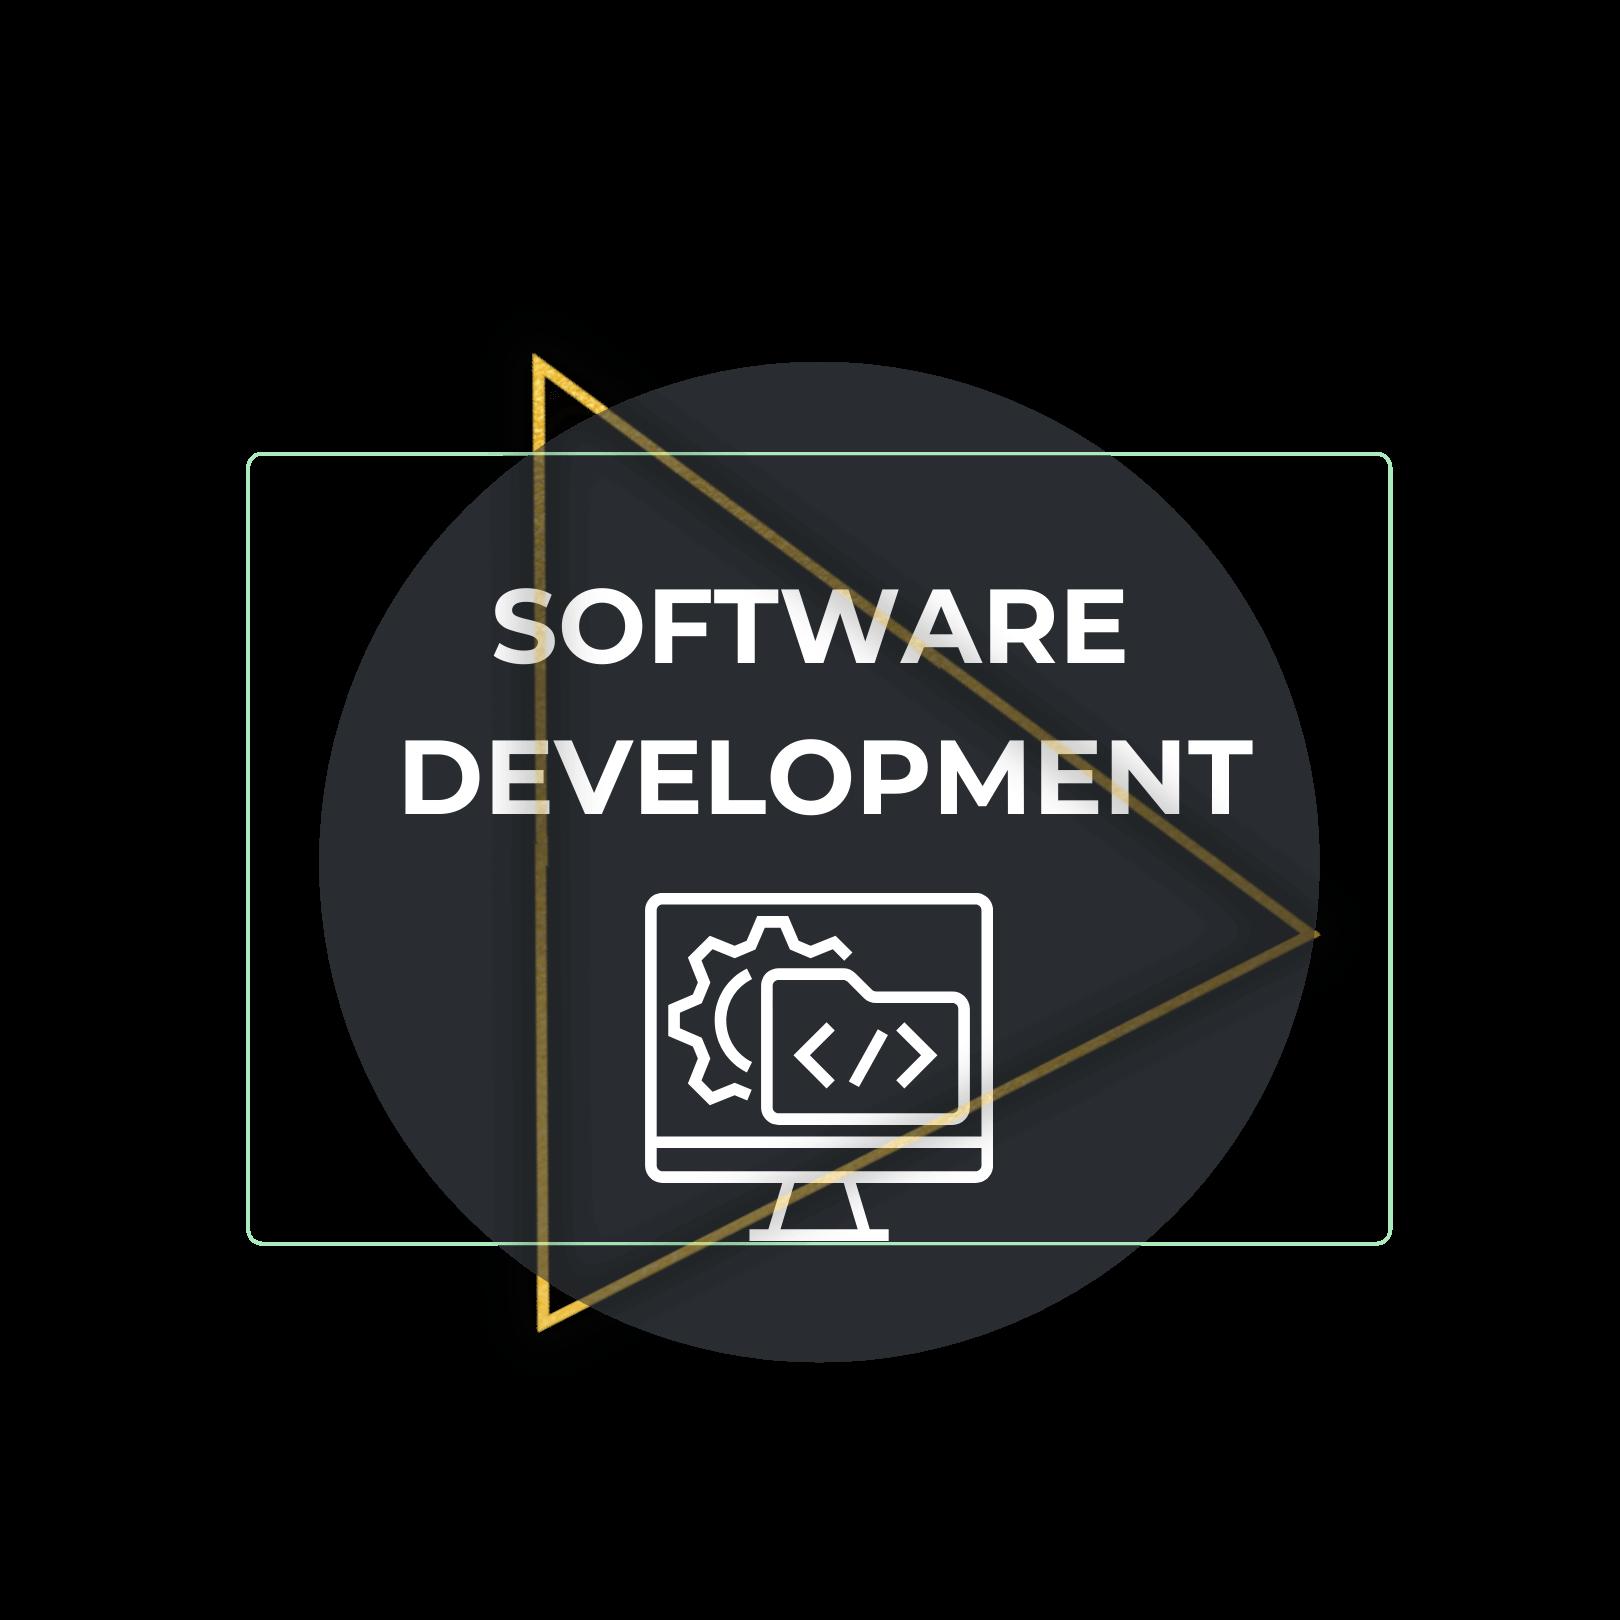 Software Development, Agile Business Concepts